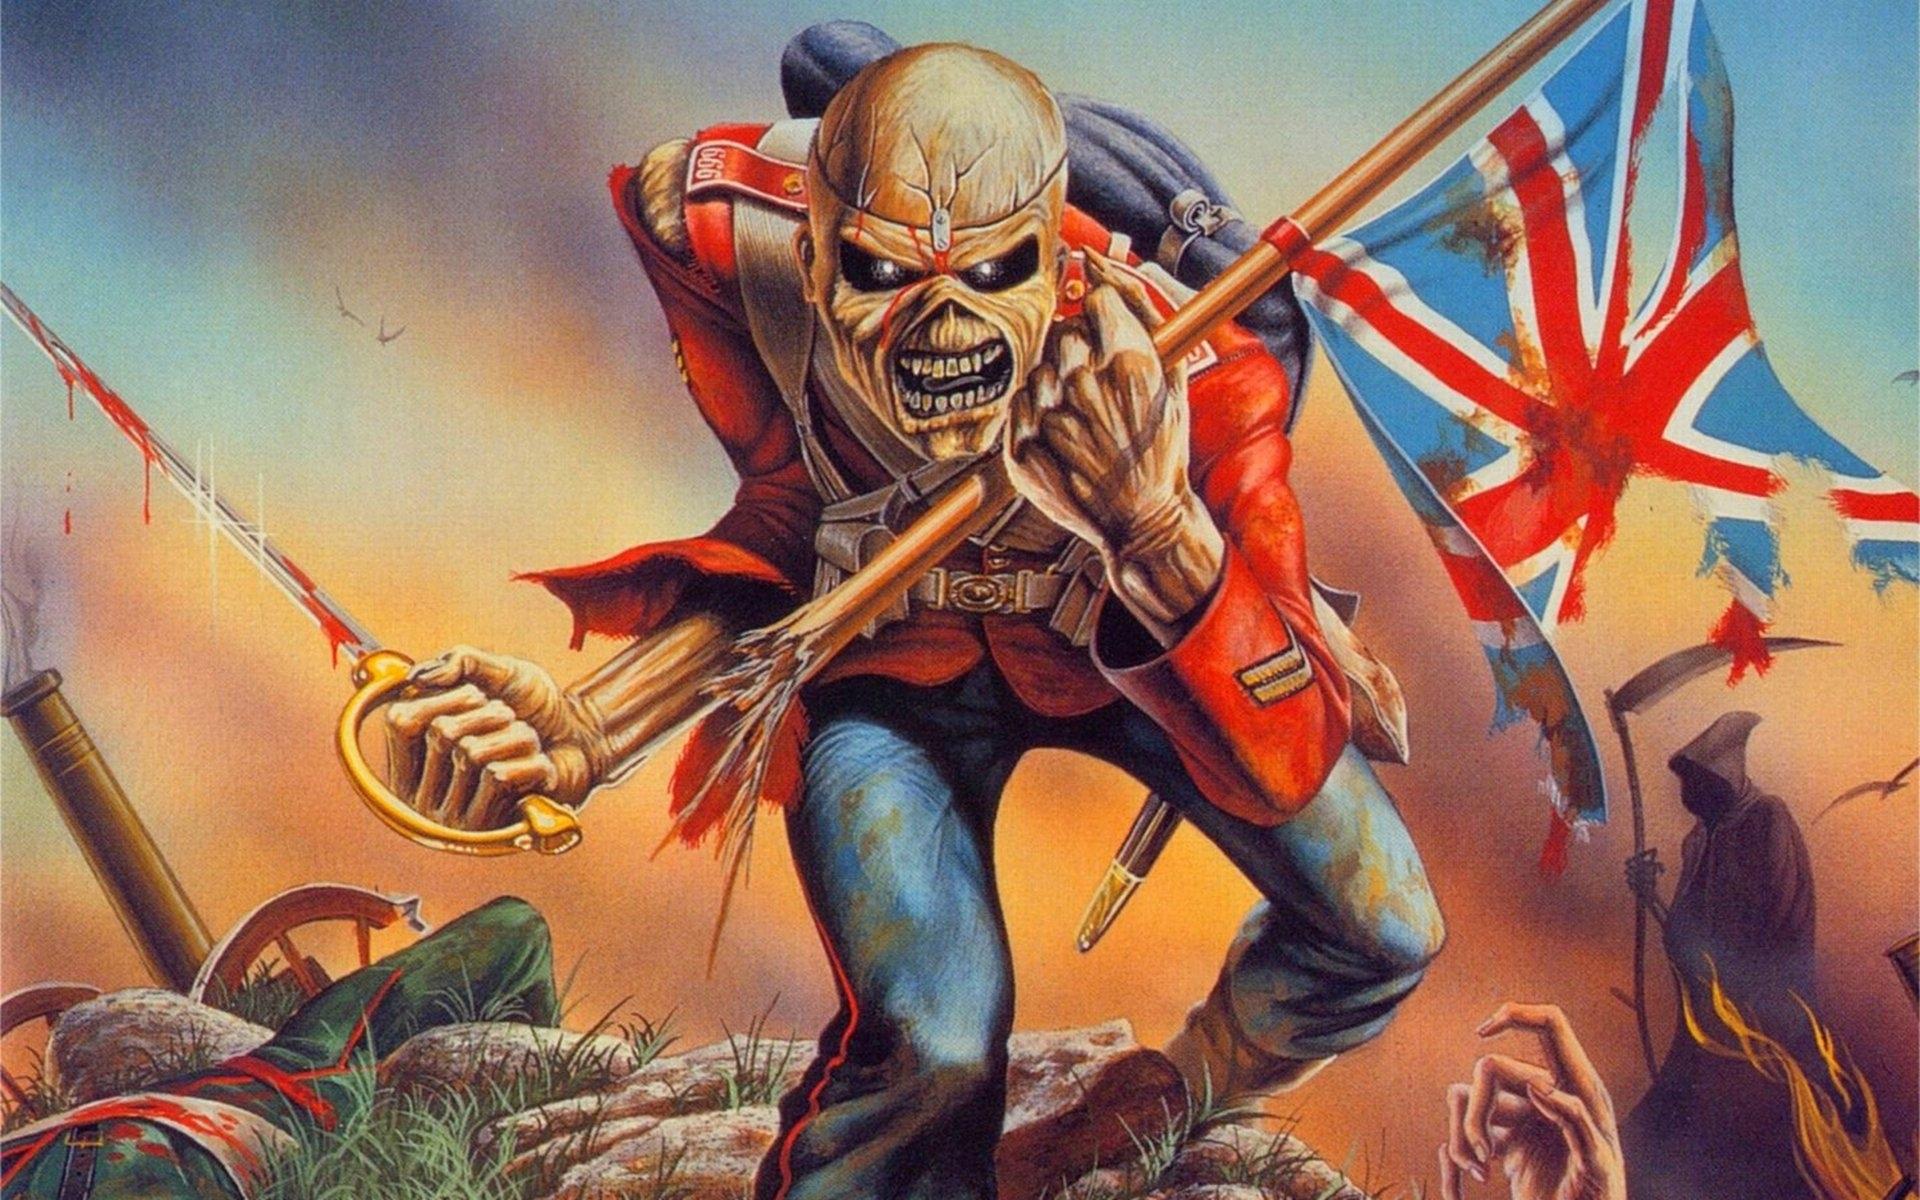 10 Best Iron Maiden Wallpaper Widescreen Hd FULL HD 1080p For PC Desktop